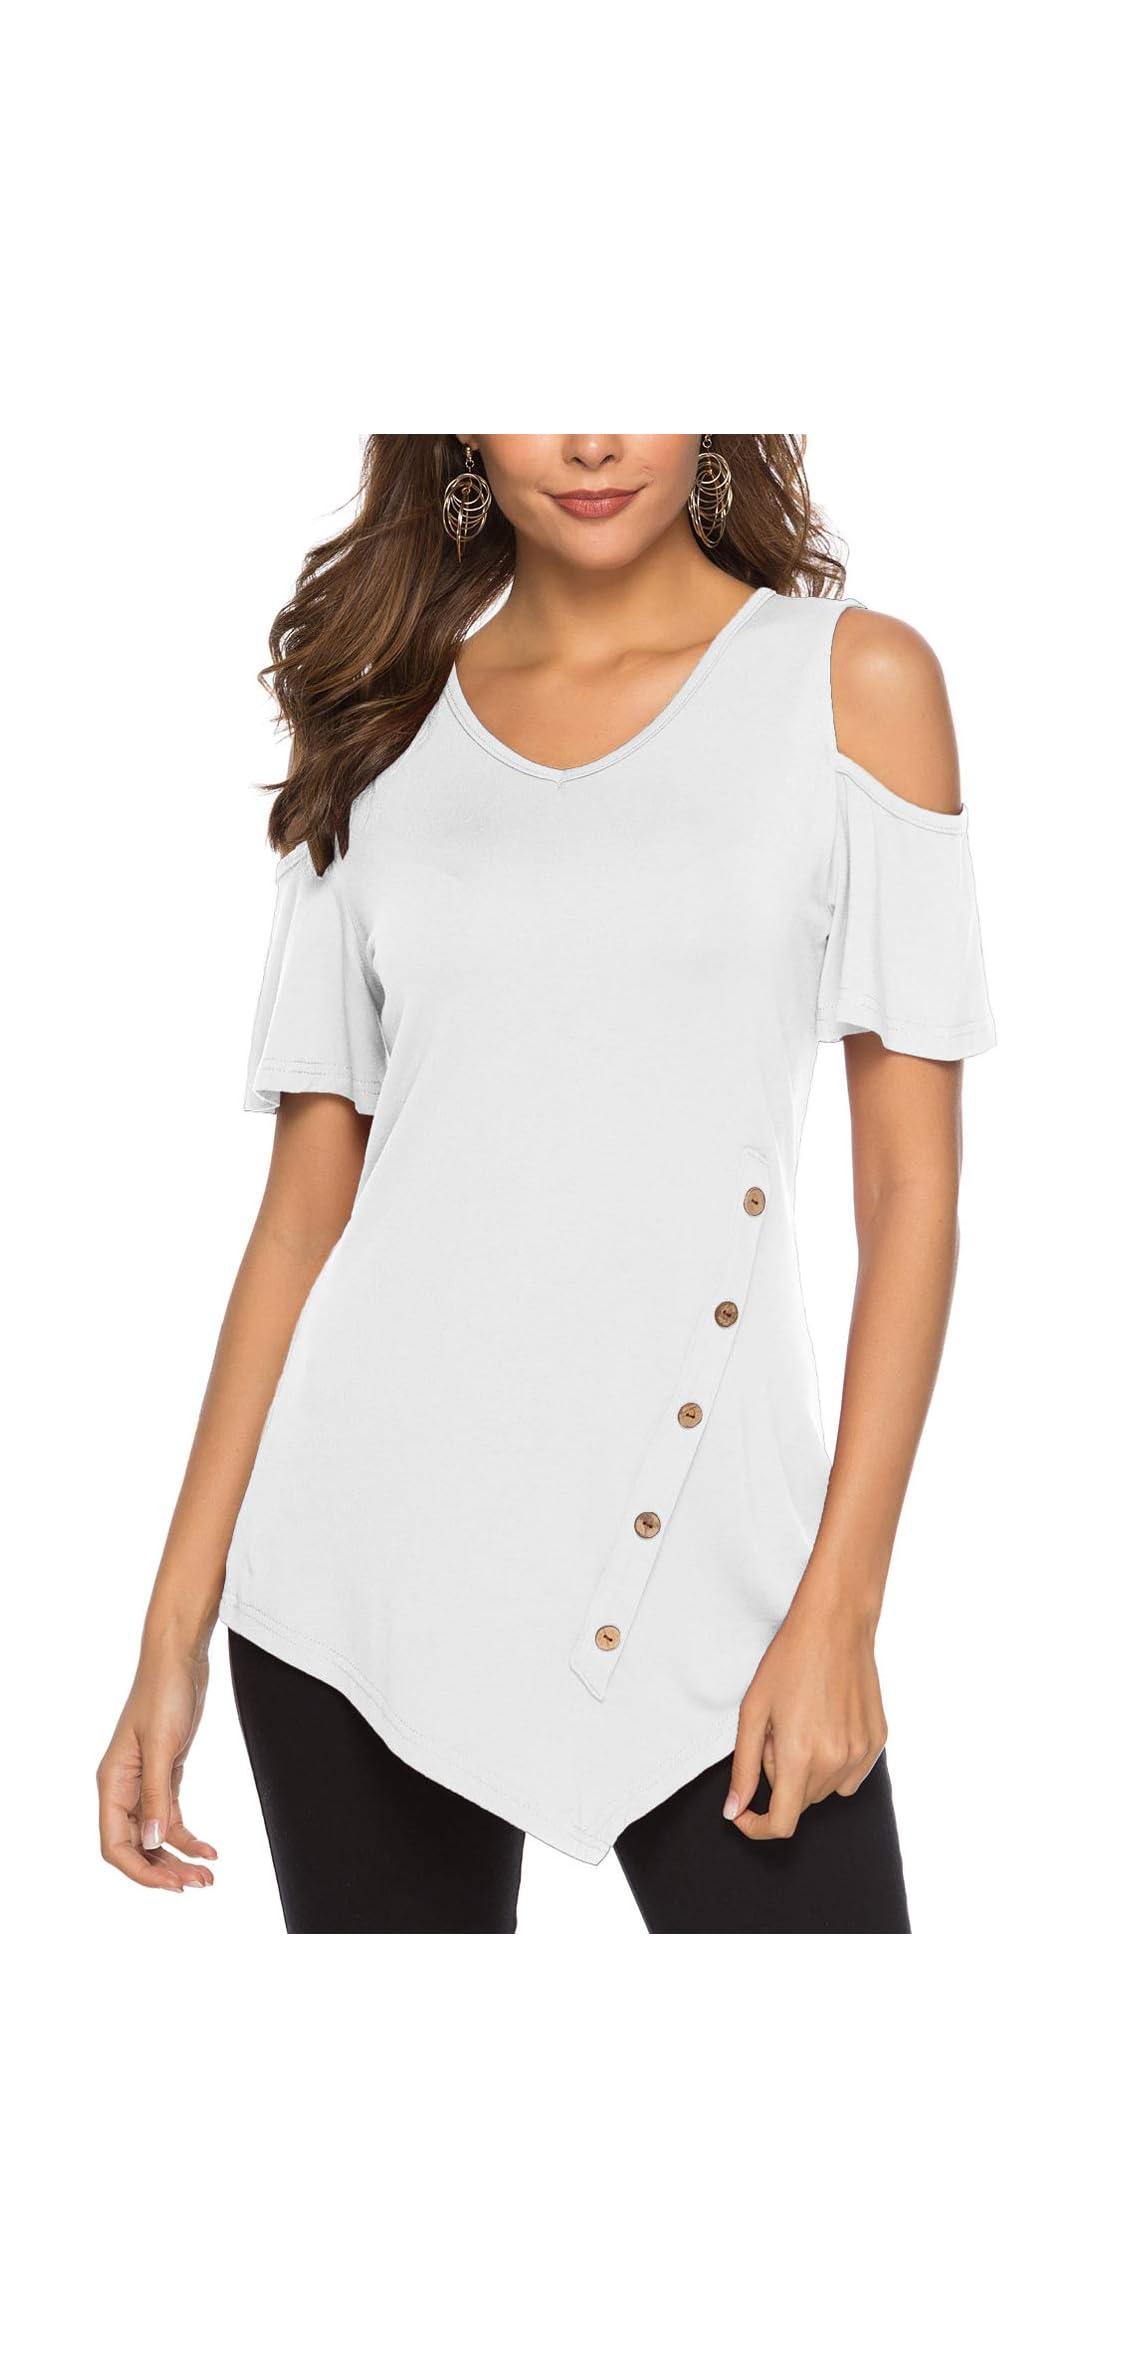 Women's Short Sleeve Tee Tops Cold Shoulder Scoop Neck Tunic